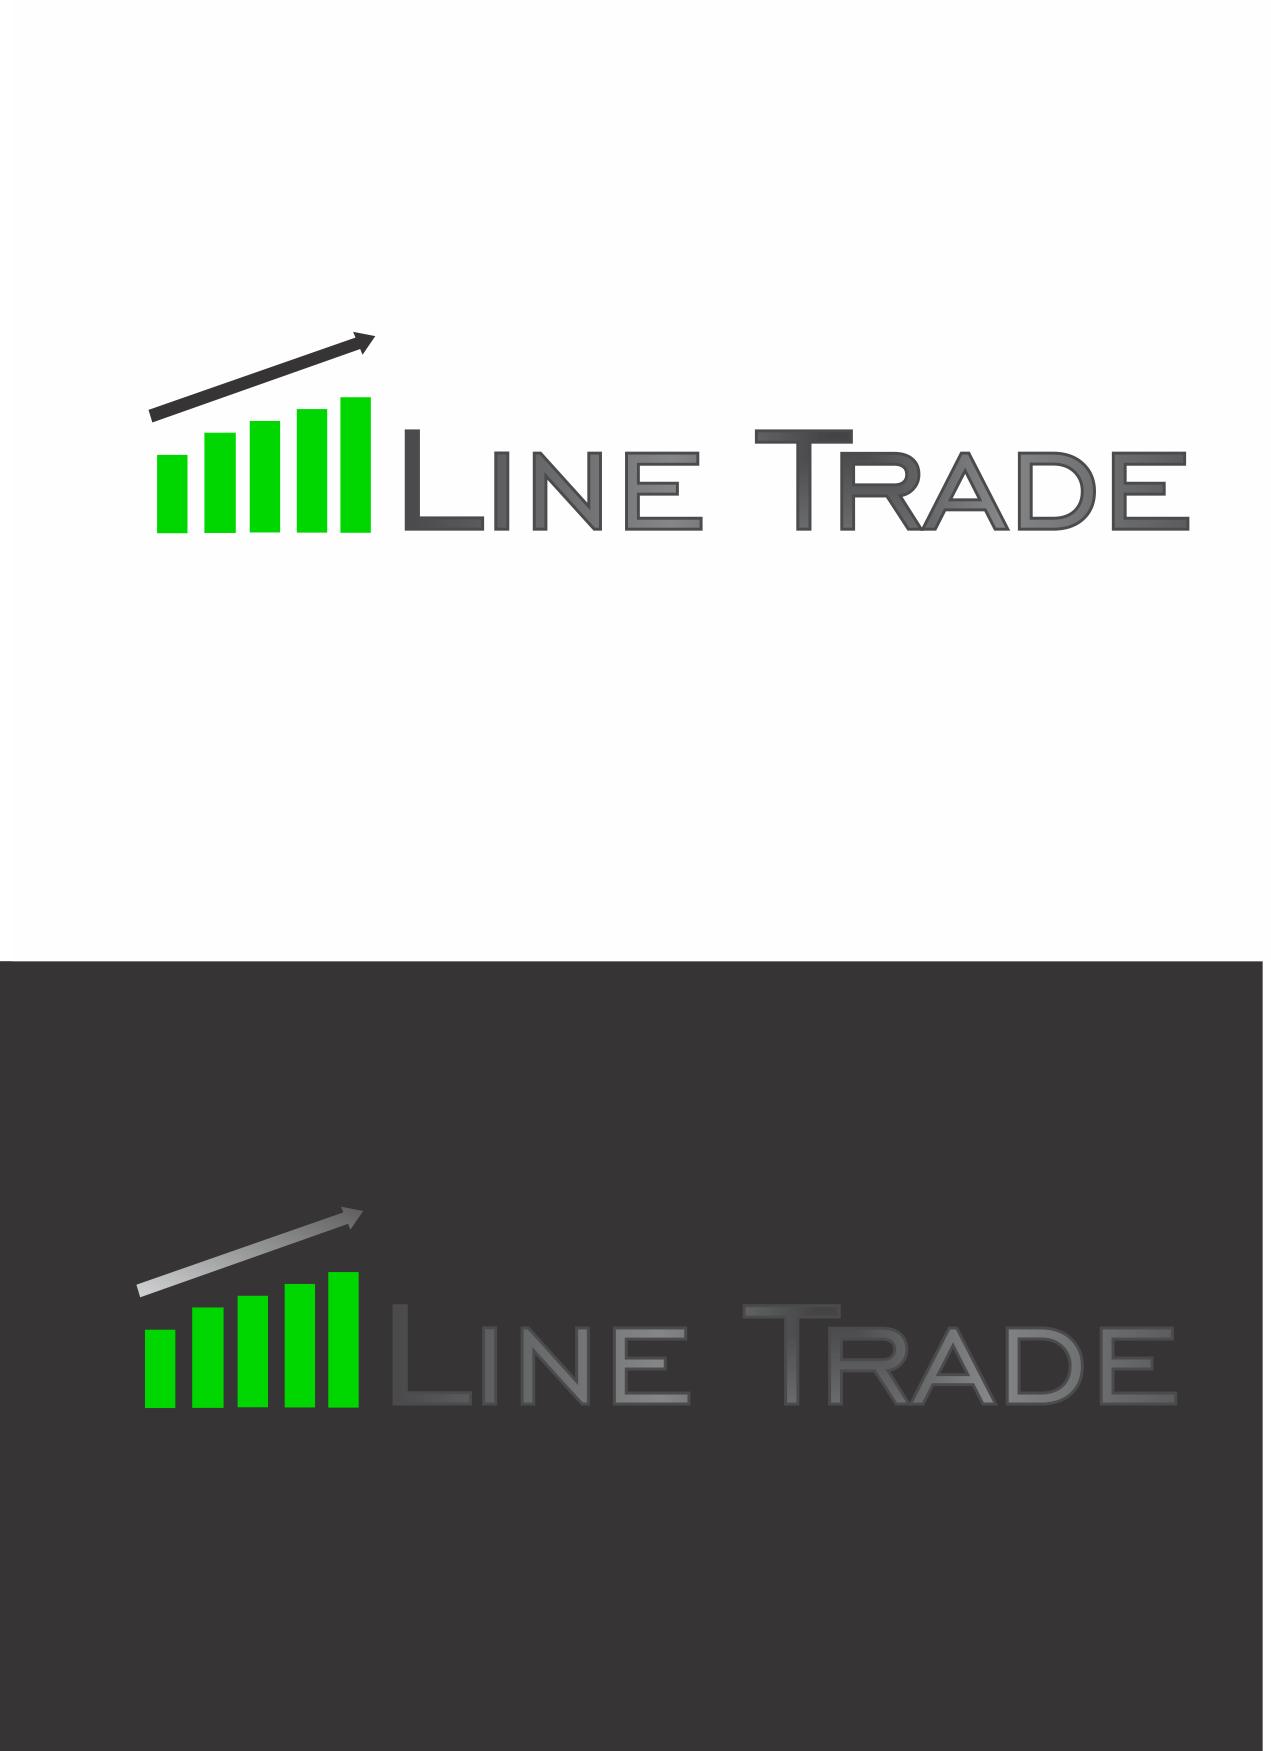 Разработка логотипа компании Line Trade фото f_43750fa8a985acb6.png